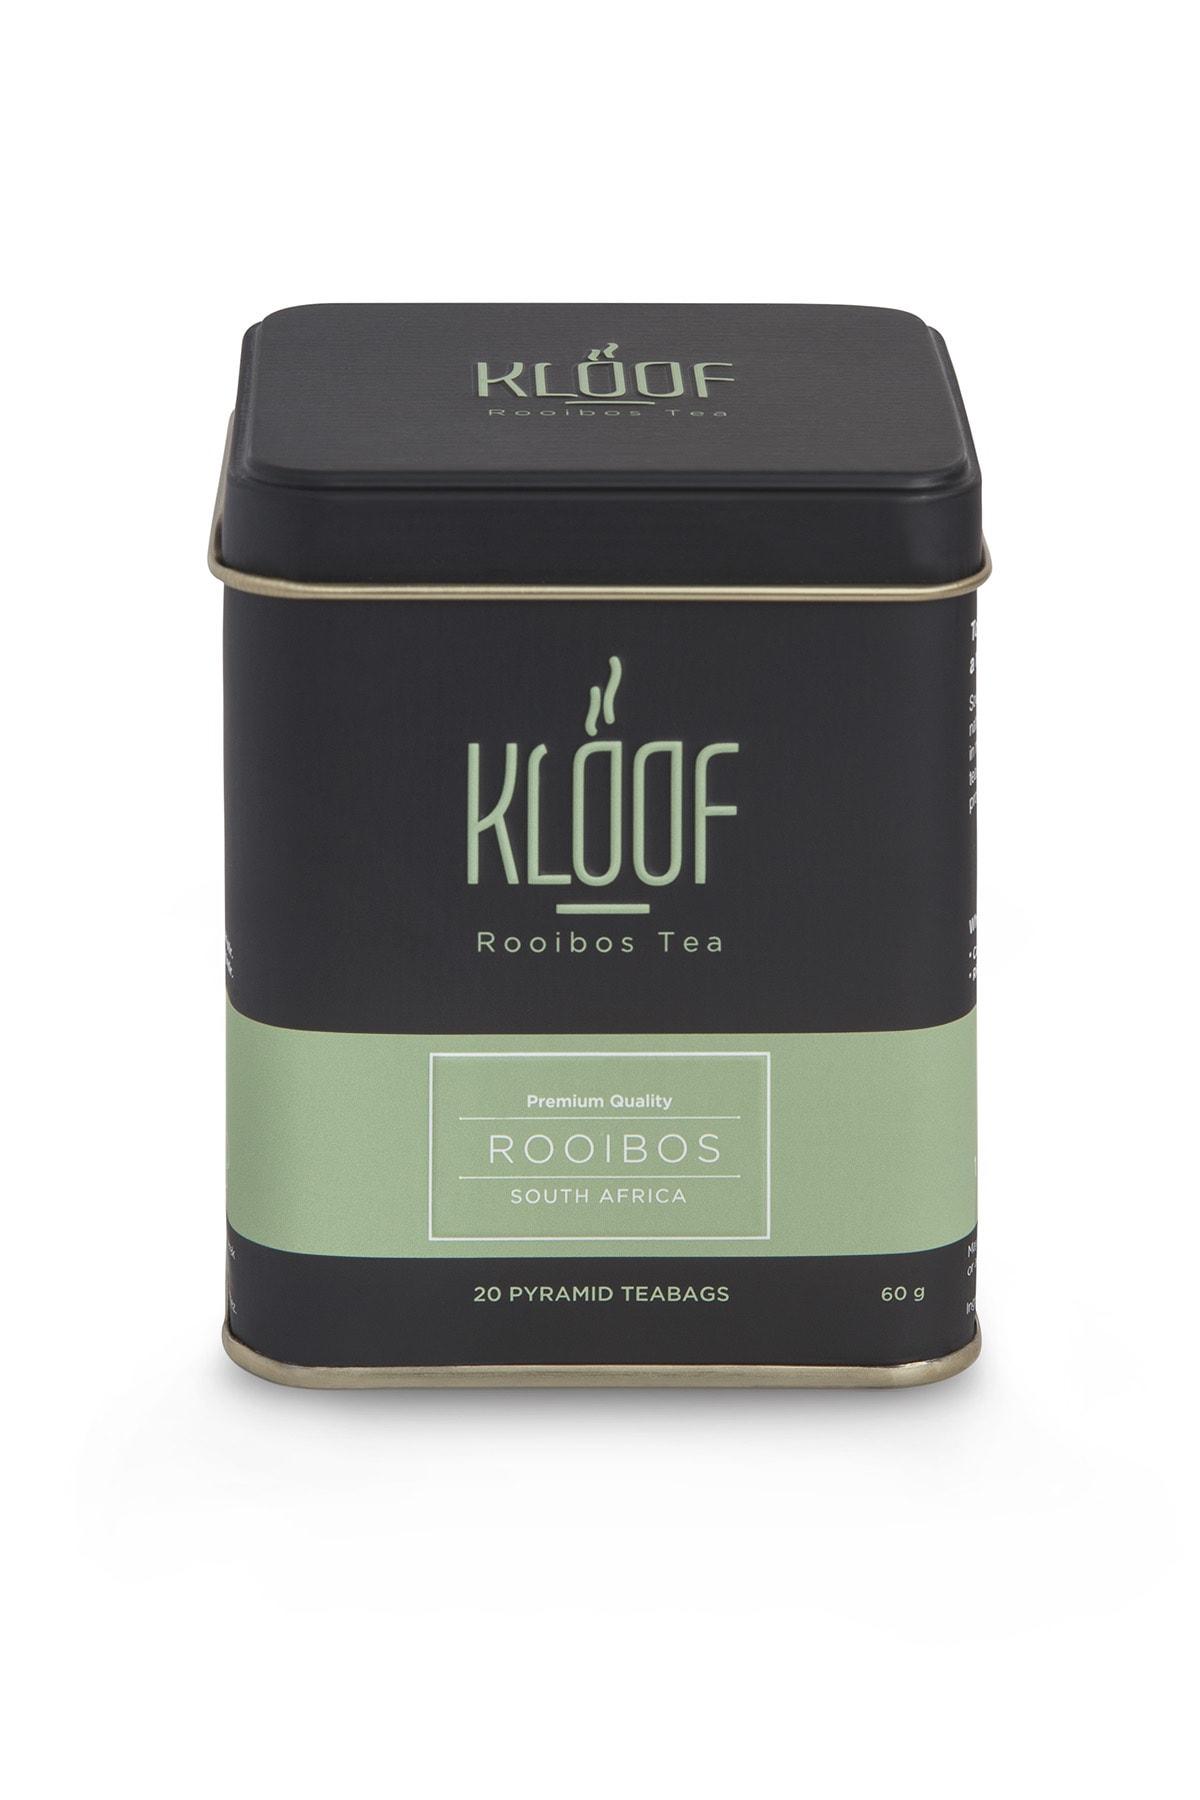 KLOOF Rooibos Tea Kafeinsiz, Bağışıklık Sistemini Güçlendiren Roybos Çayı 20'lipiramit Poşet 60gr 1